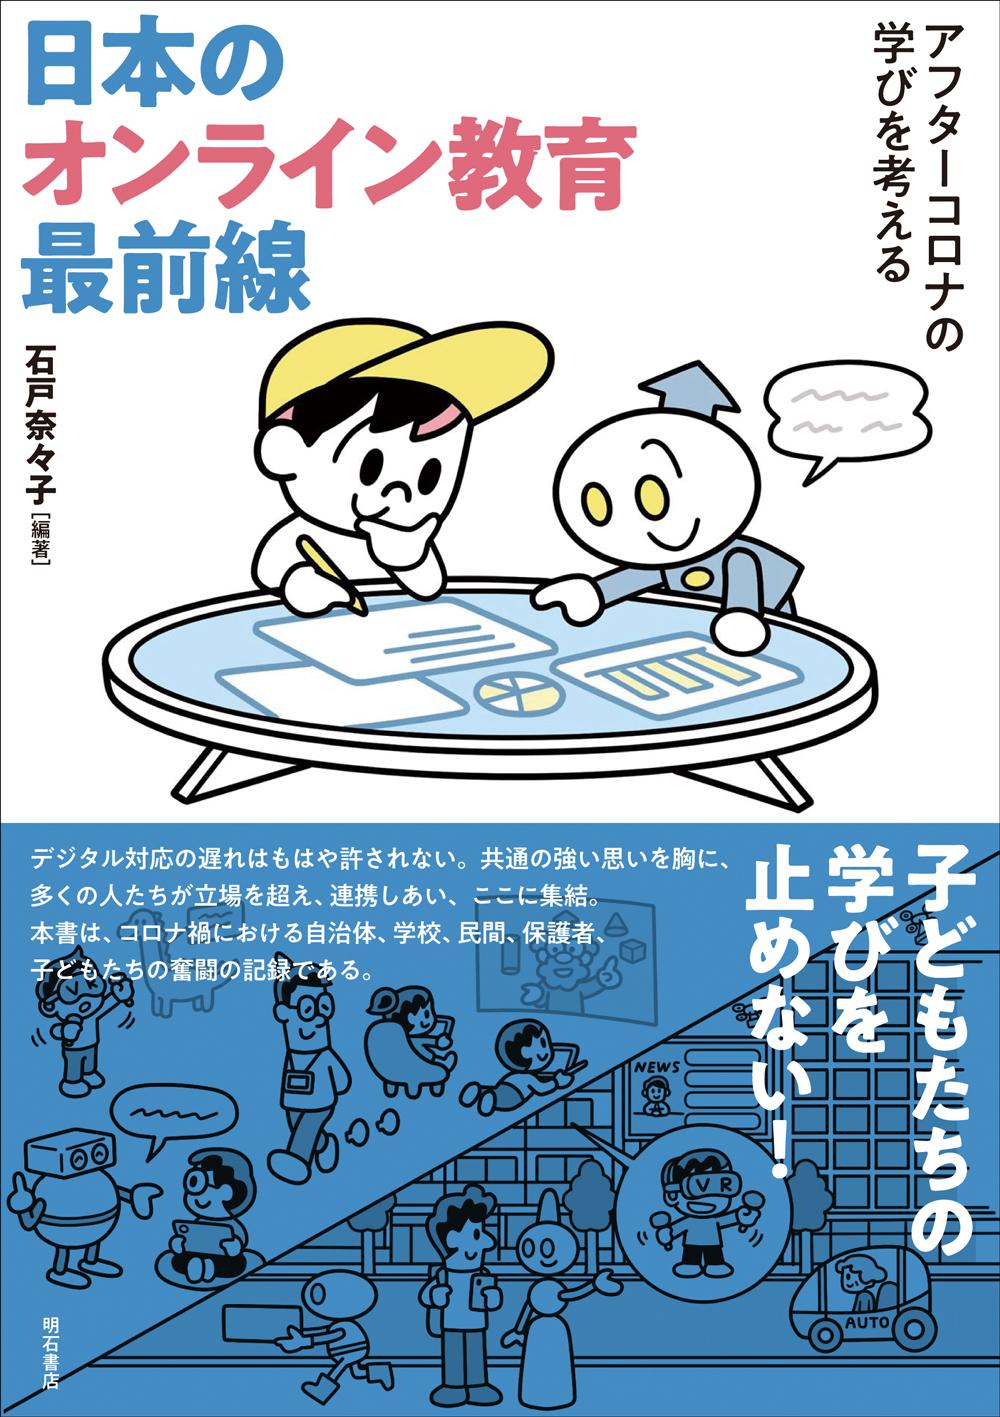 新刊『日本のオンライン教育最前線 - アフターコロナの学びを考える』